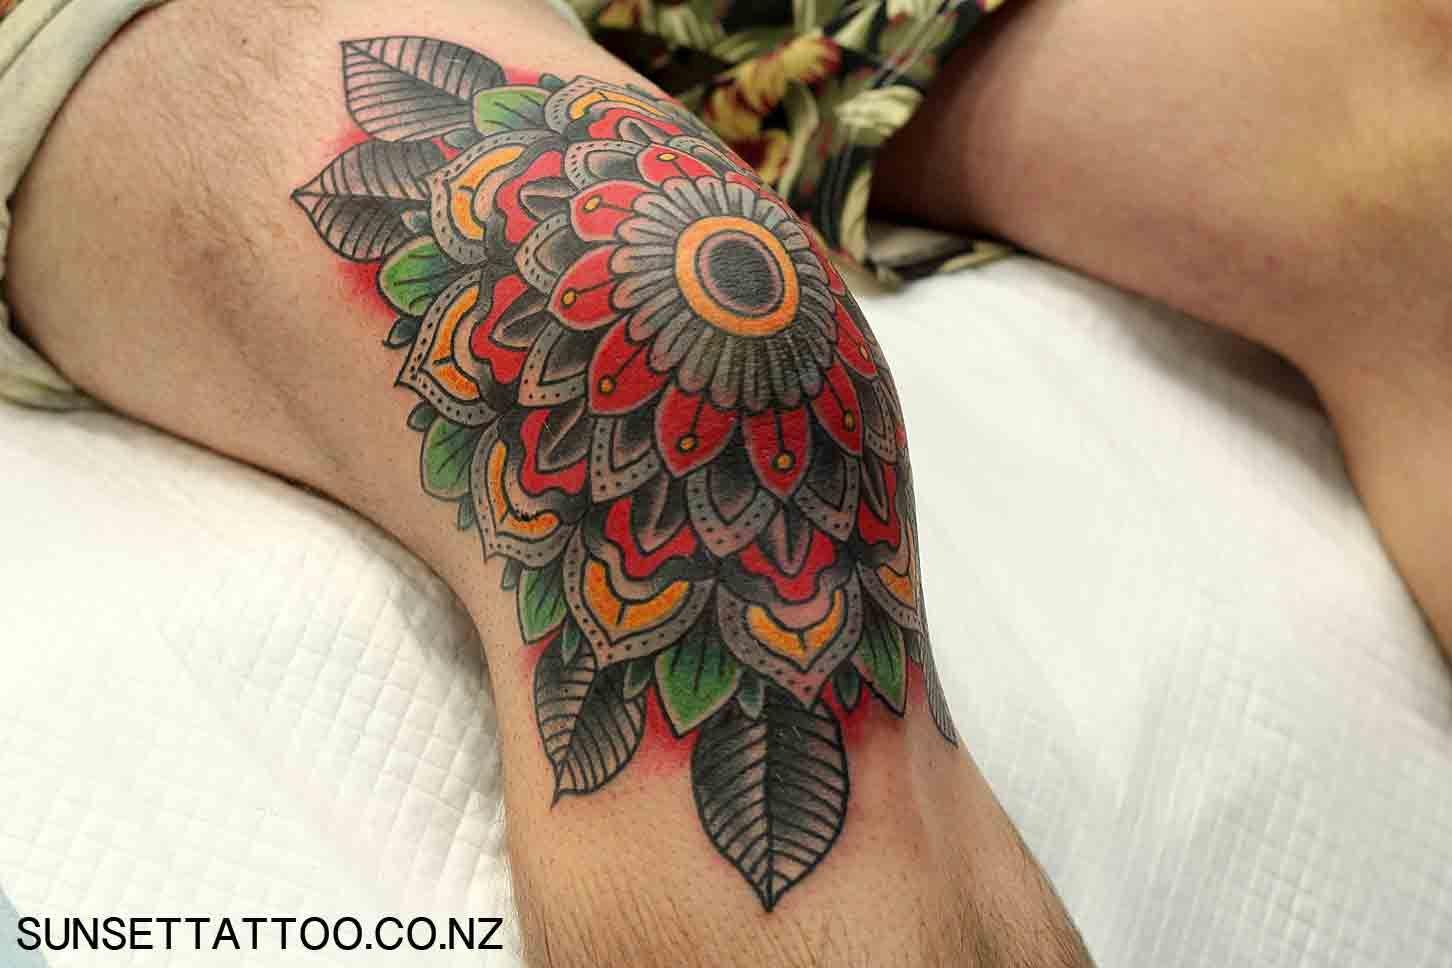 Tom Traditional Flower Tattoo Knee Tattoo New Zealand Tattoo Best